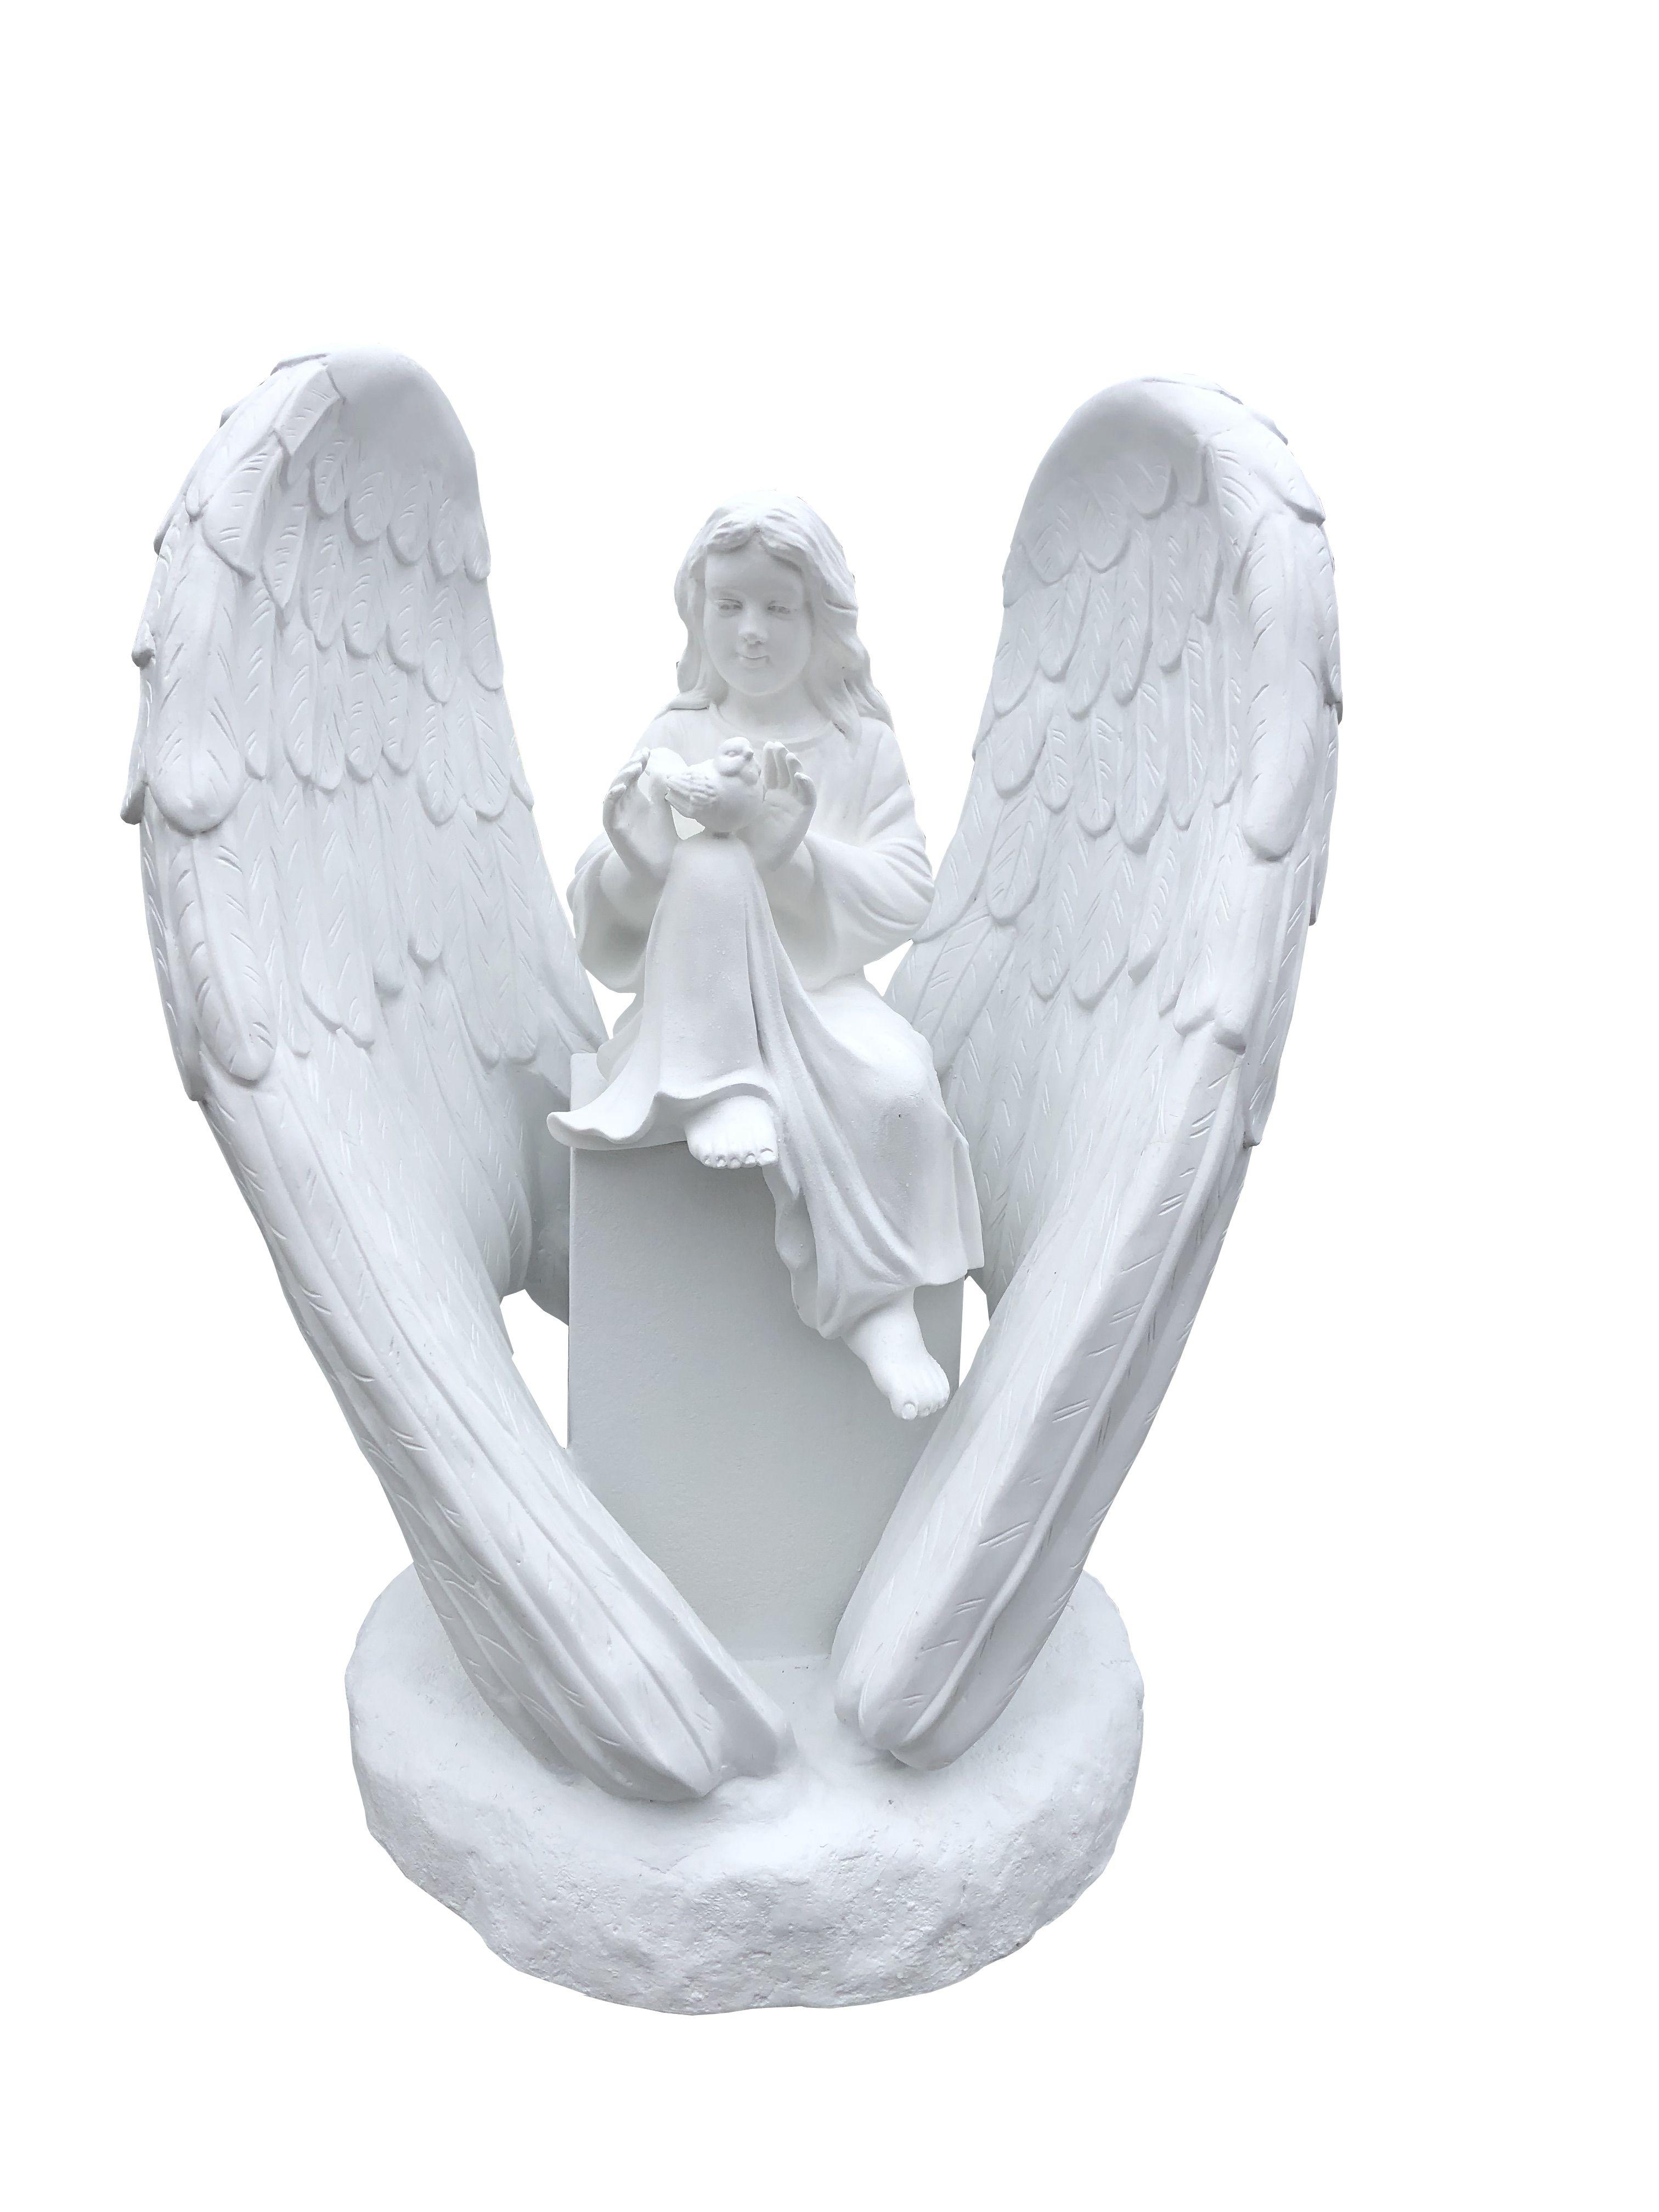 Dziewczynka w skrzydlach - rzezba nagrobna